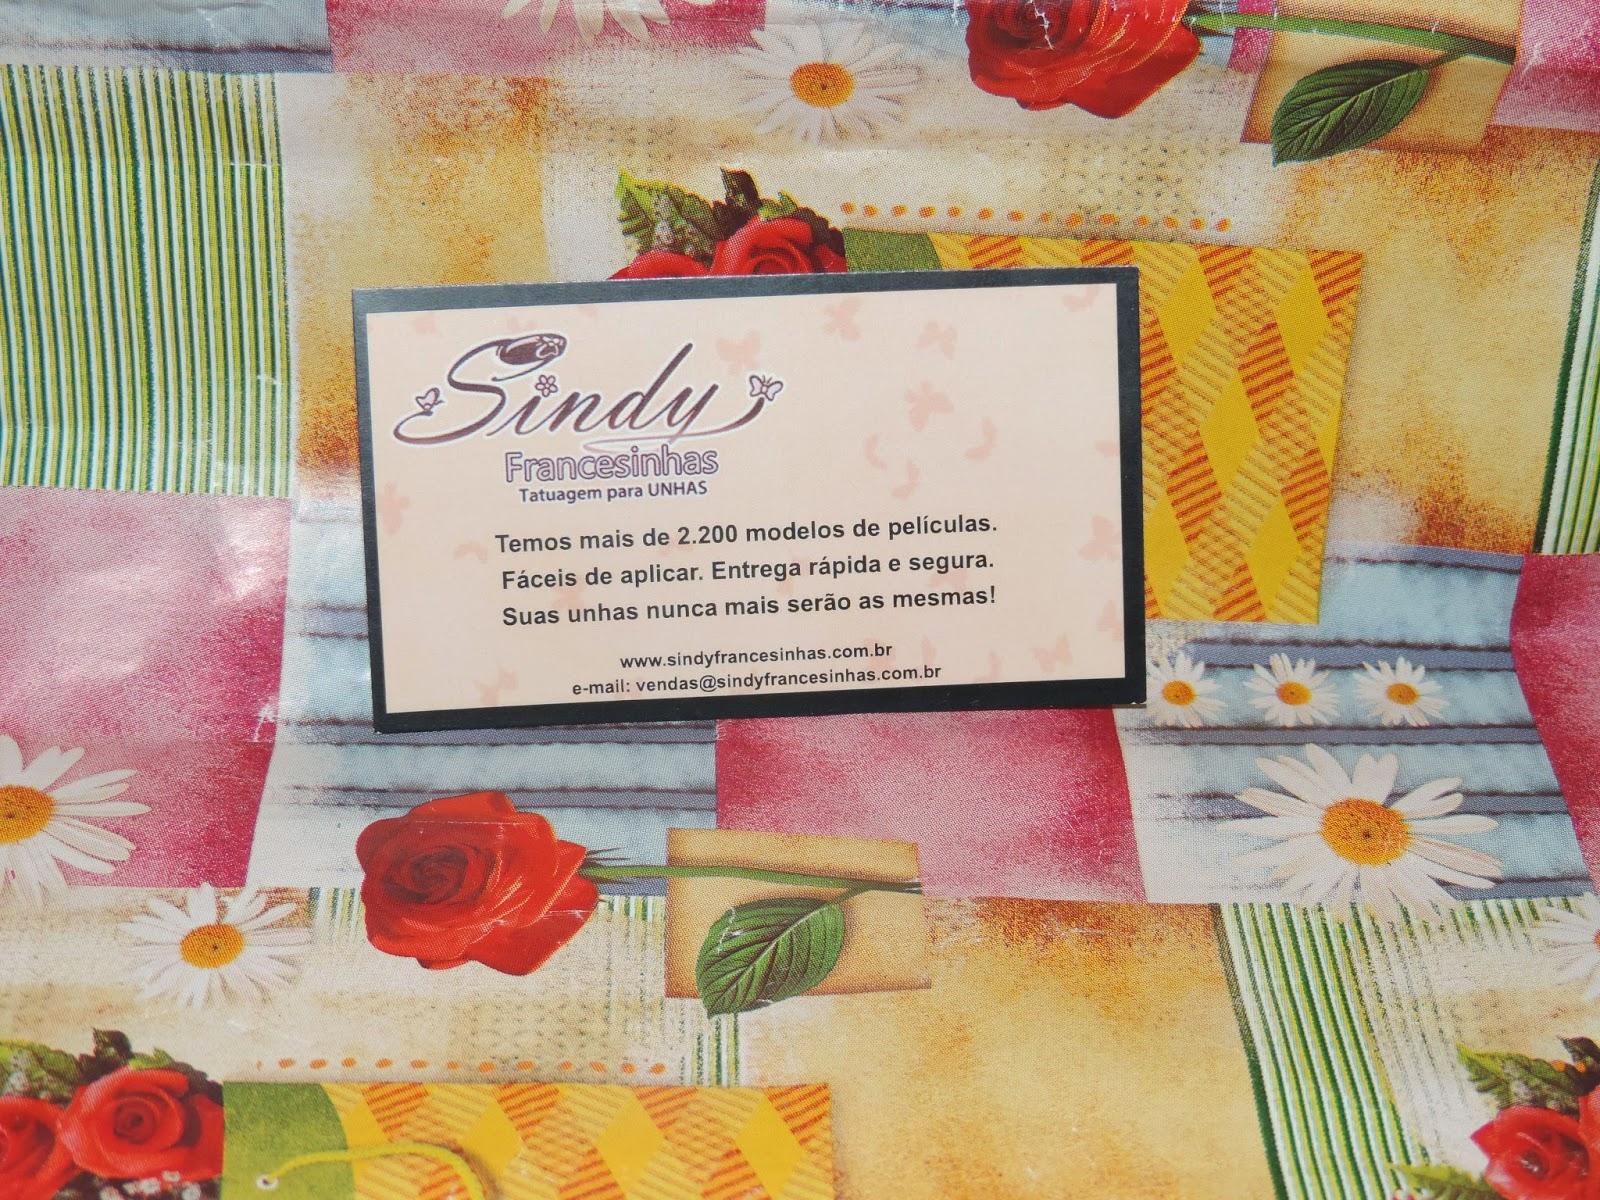 Resenha: Adesivos  da Sindy Francesinha